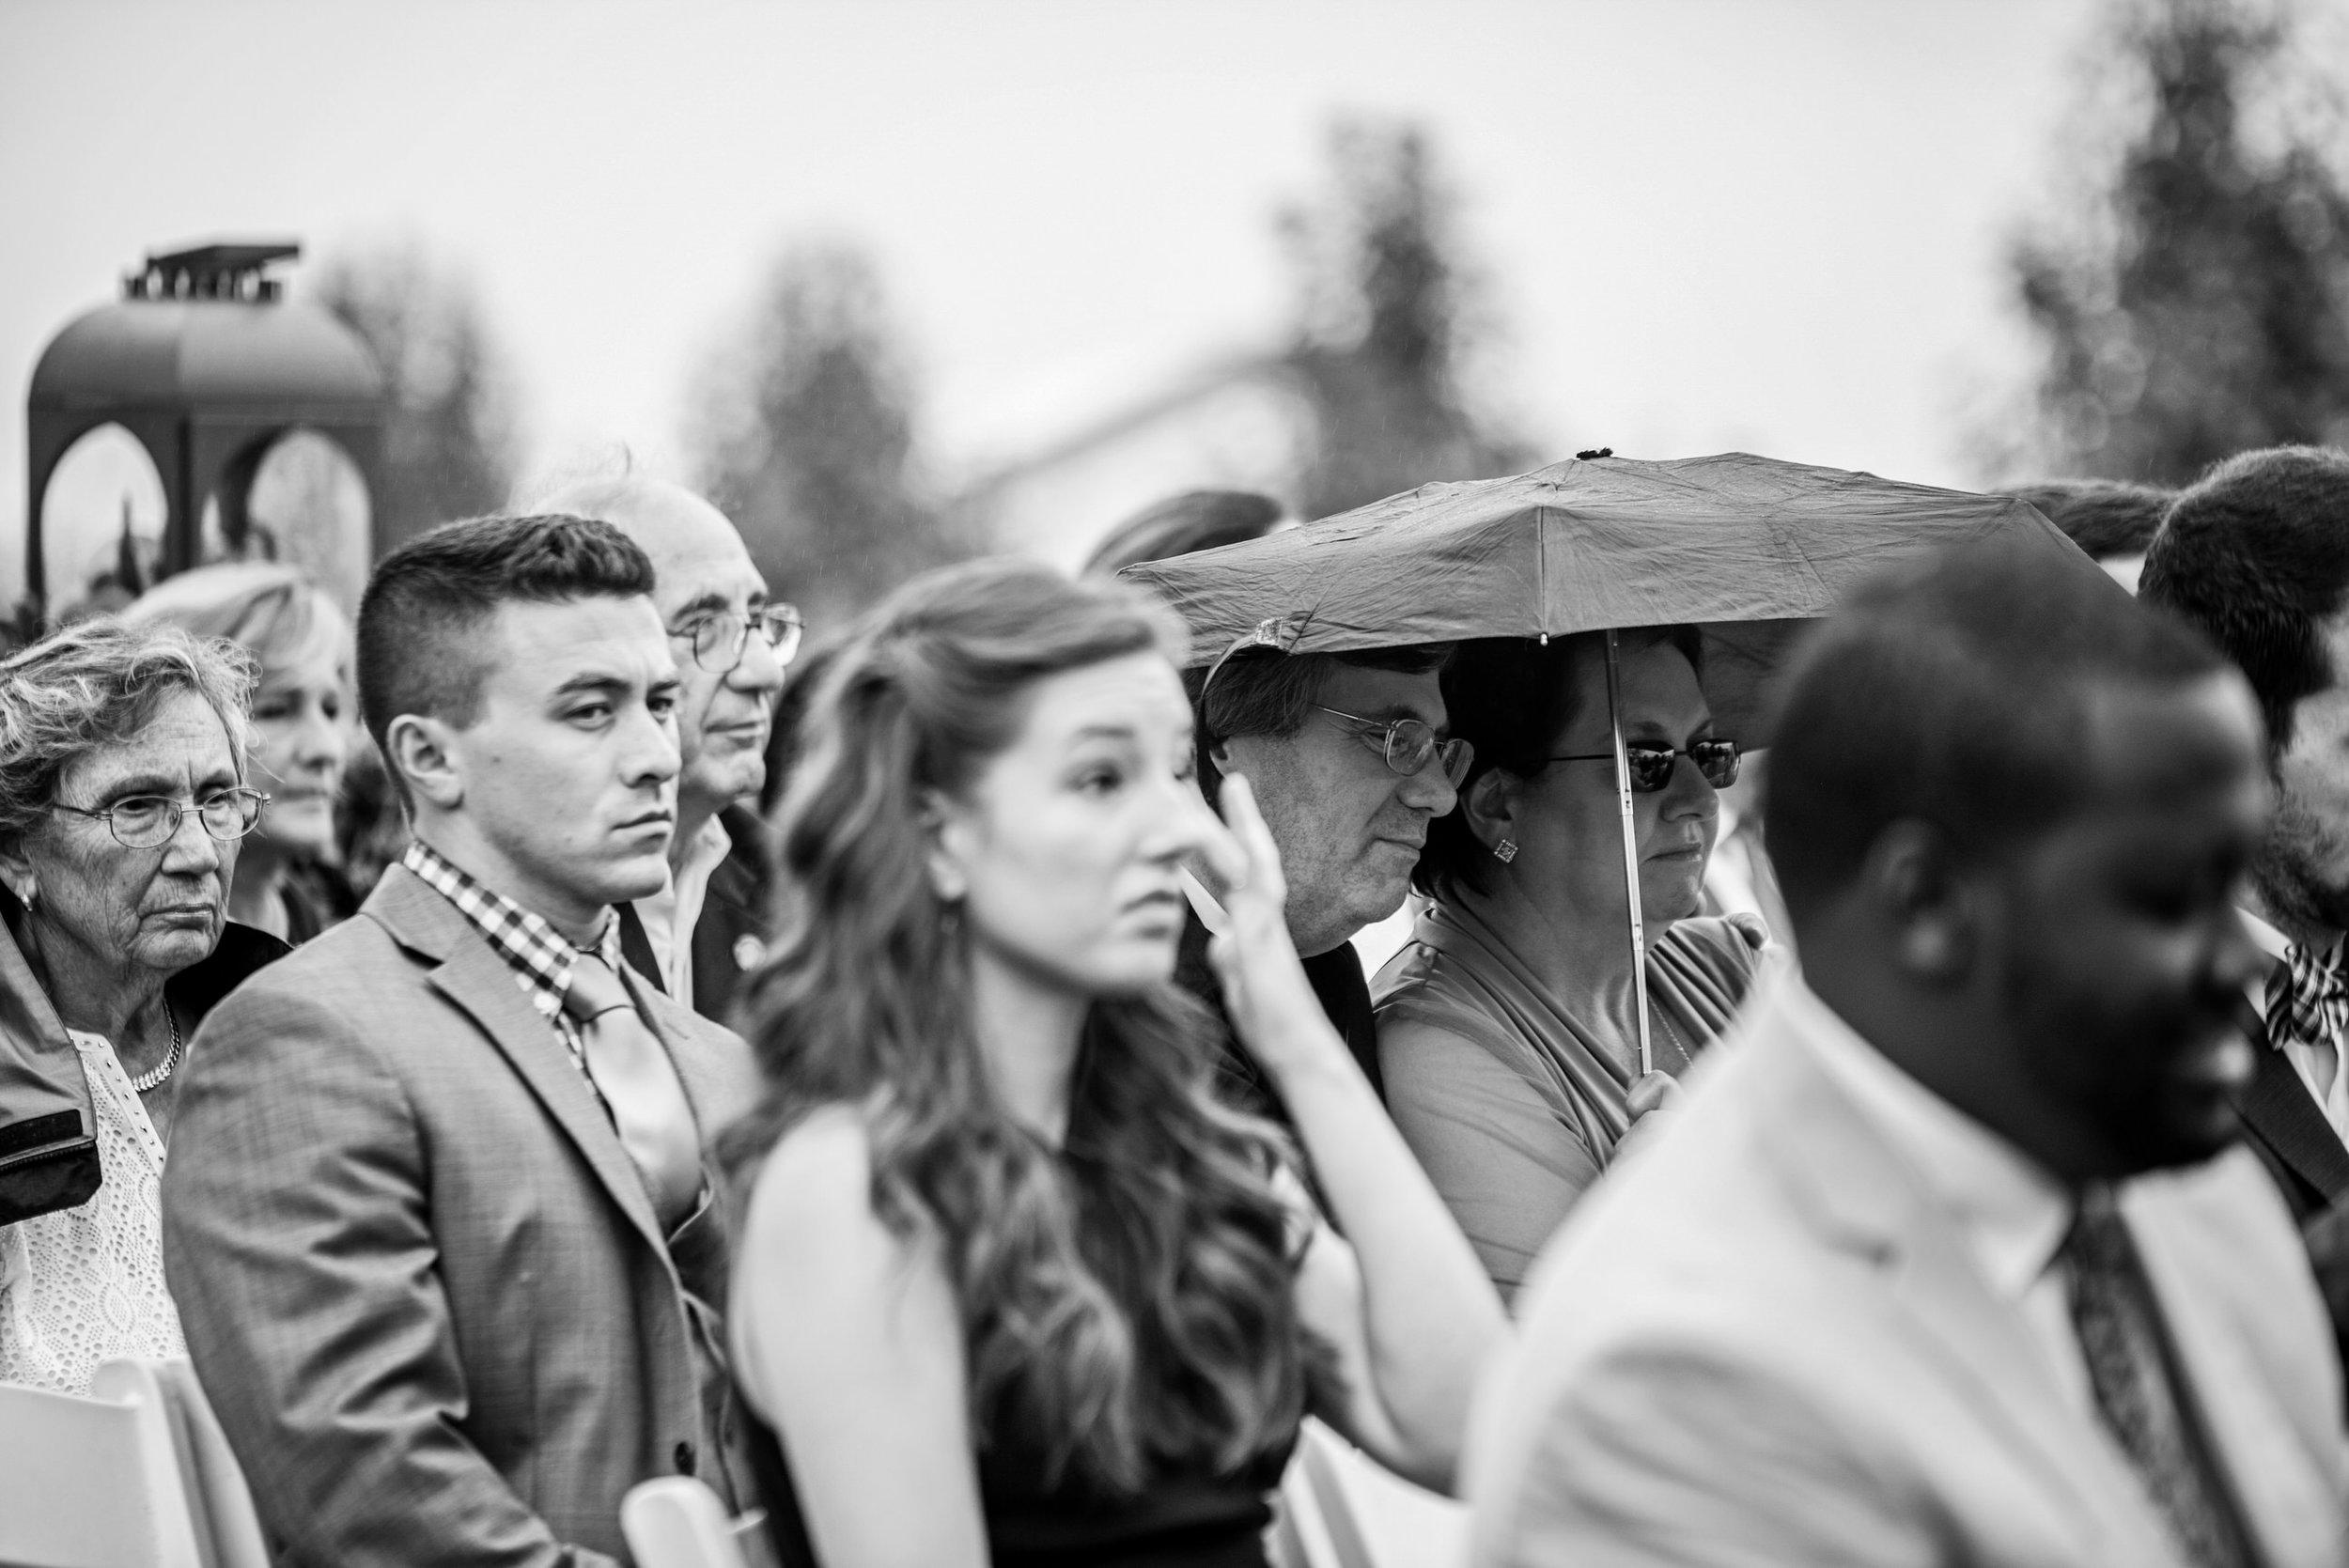 WalkersOverlookWedding-Angela&Ben-Ceremony-24.jpg